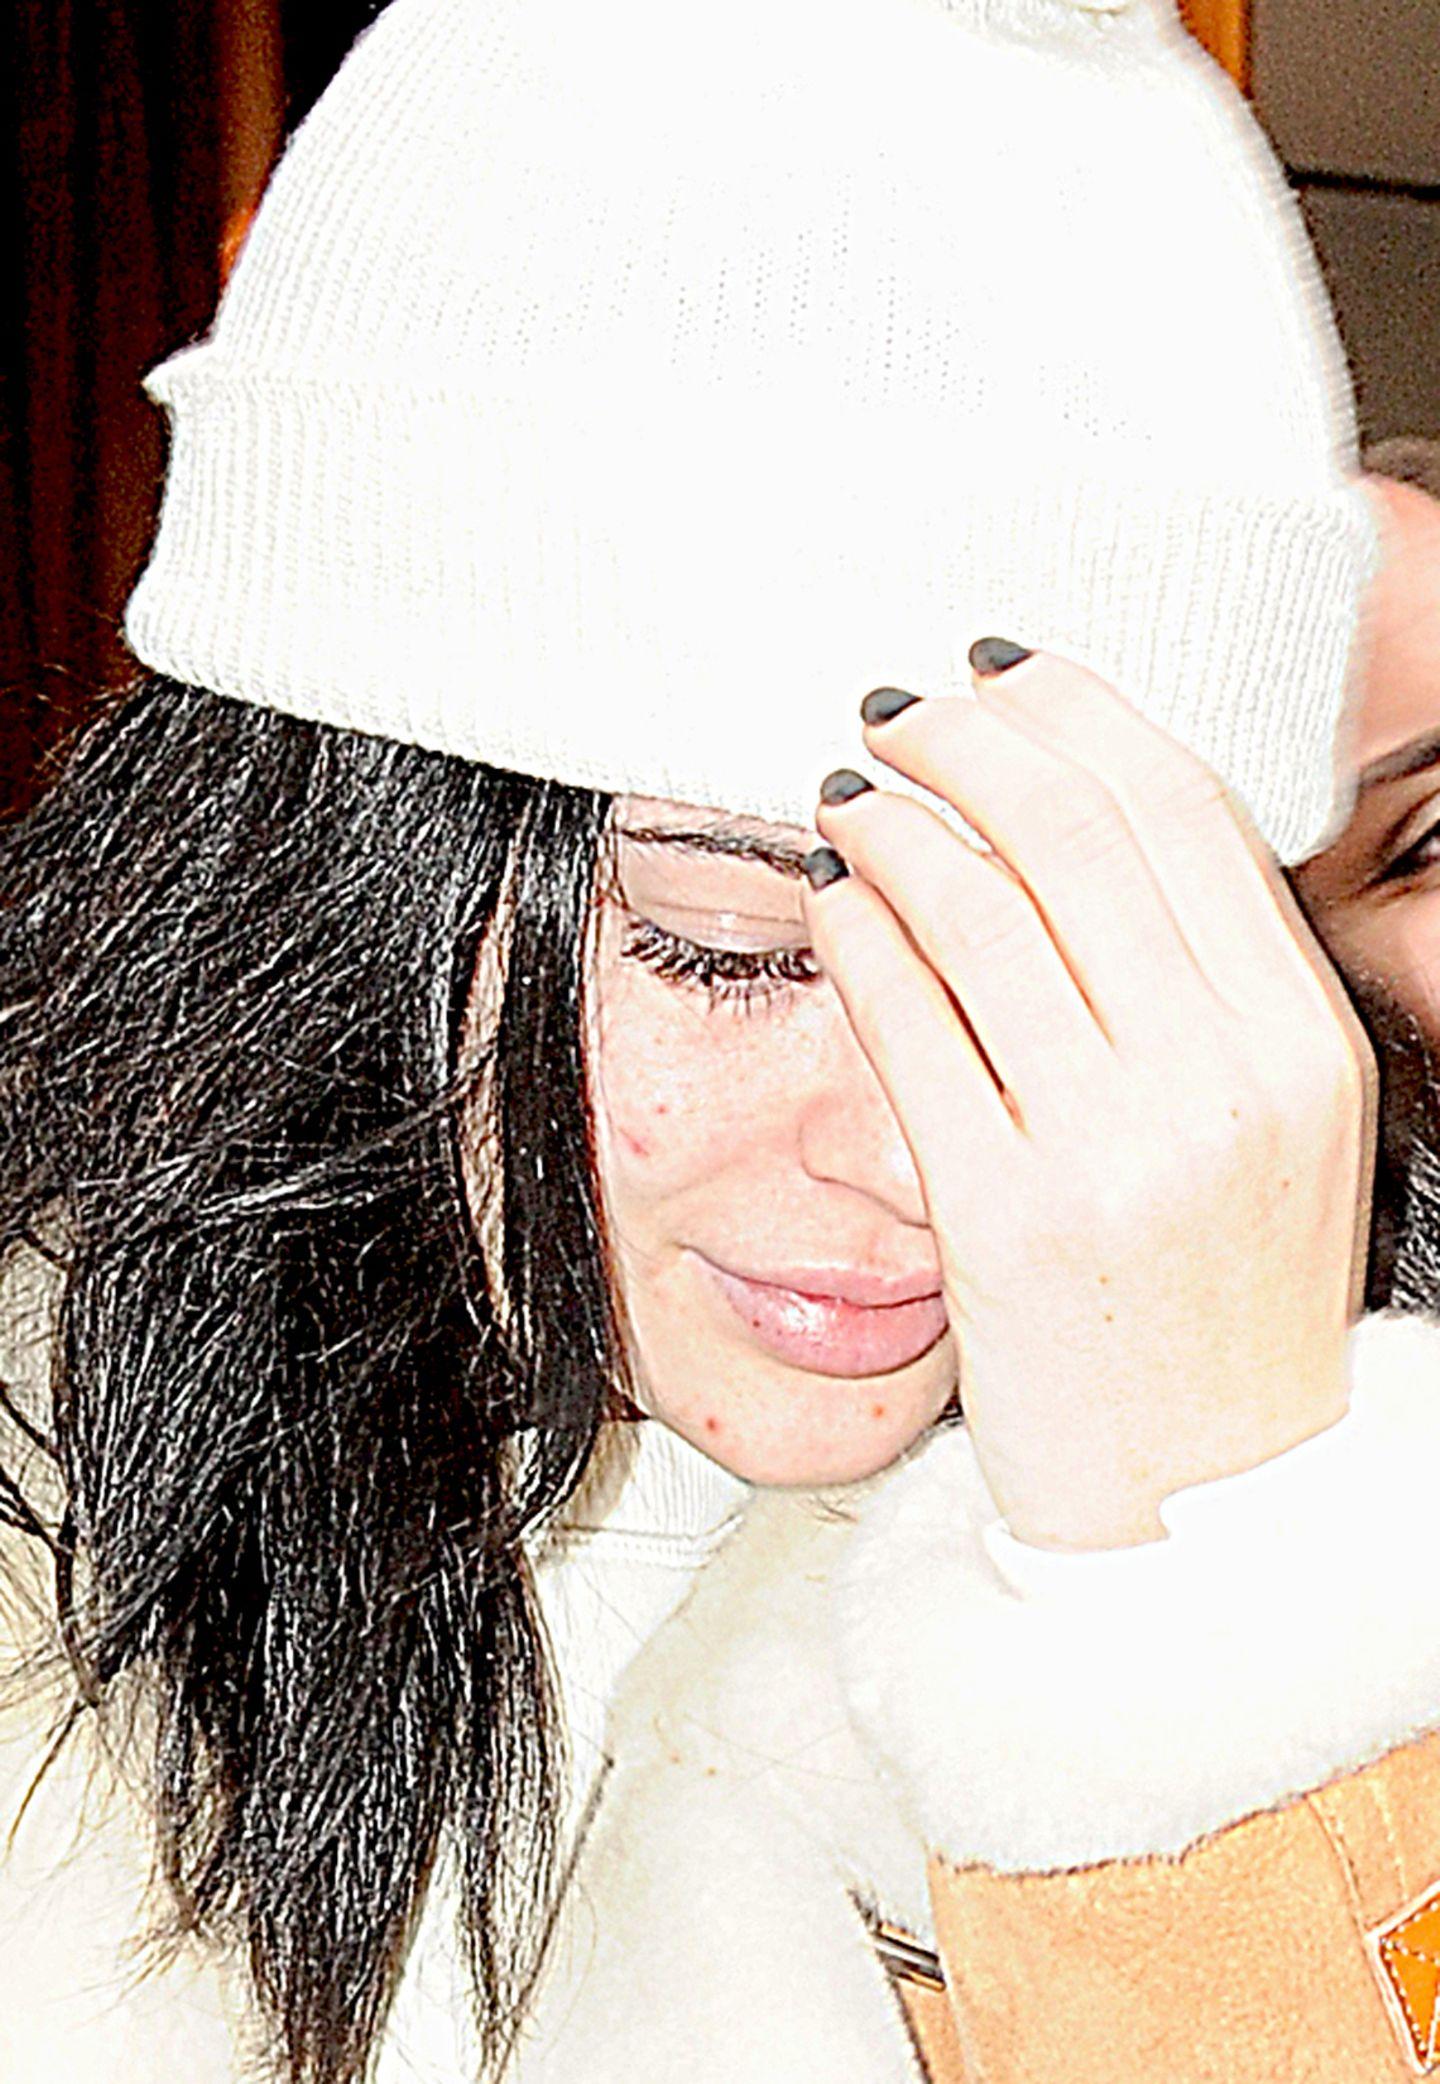 Kylie Jenner macht es wie ihre ältere Schwester, und versucht ihr Gesicht unter einer Mütze und hinter ihrer Hand zu verstecken. Auch in ihrem Gesicht sind kleinere Unreinheiten zu sehen.